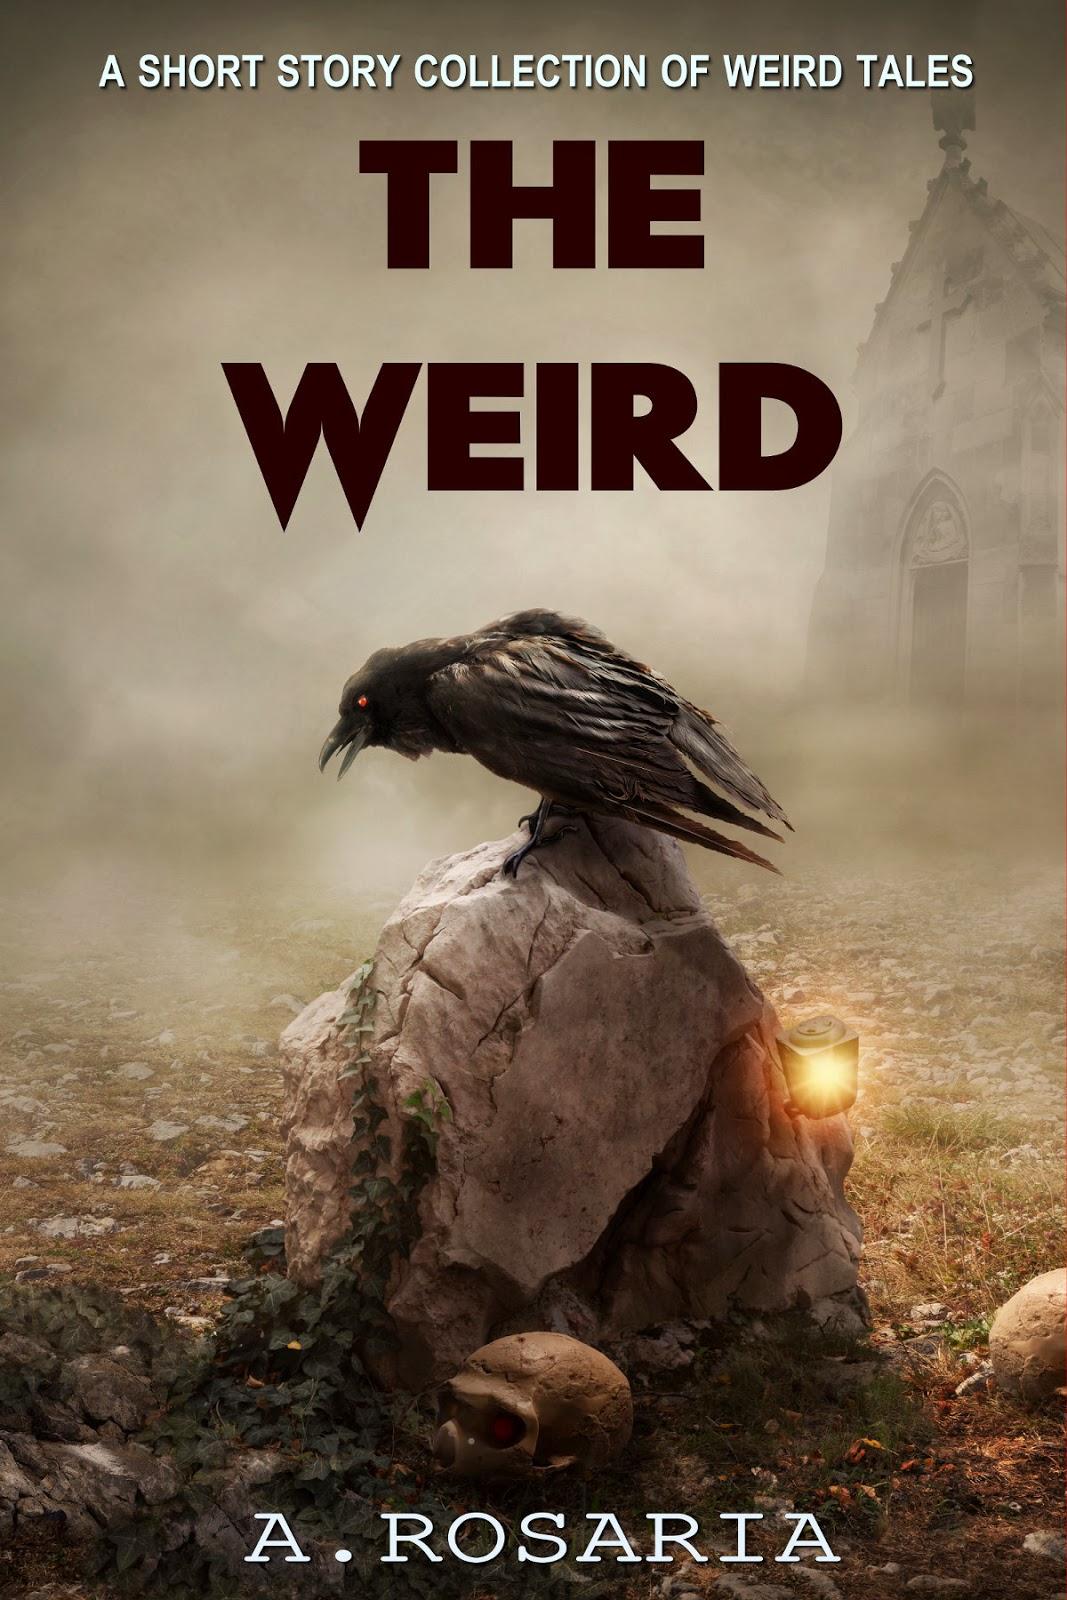 http://store.kobobooks.com/en-US/ebook/the-weird-1